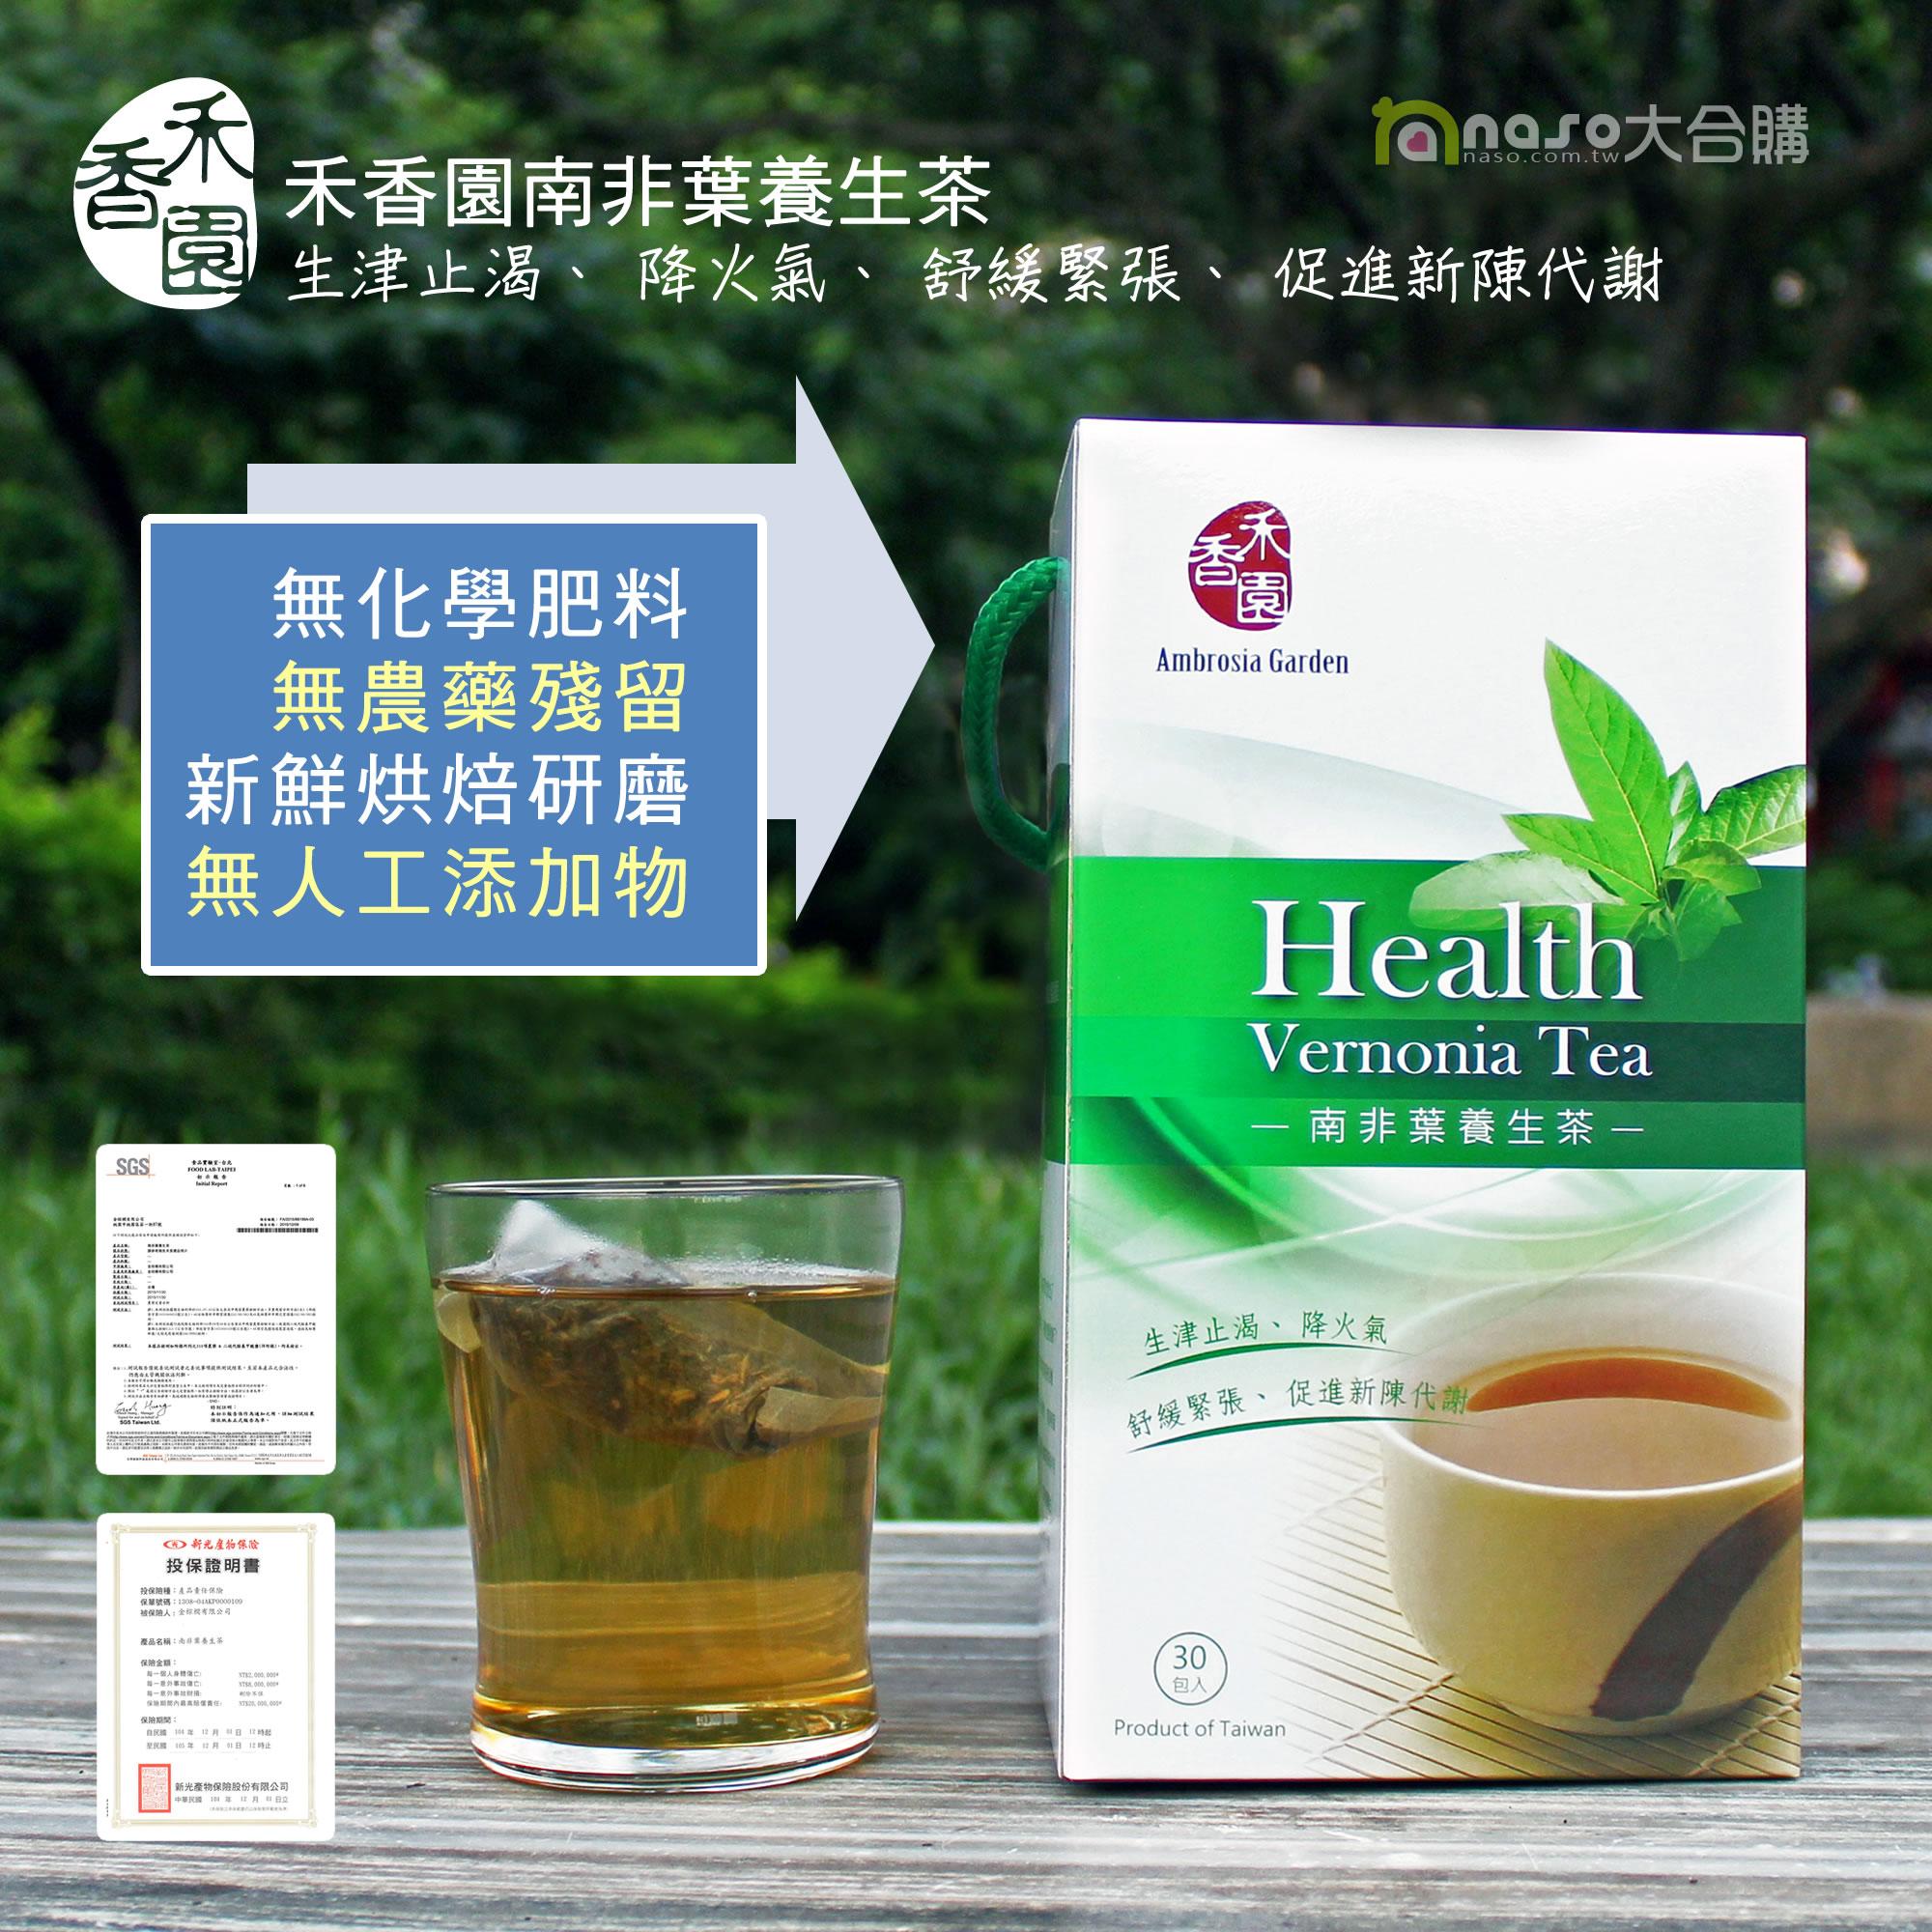 【禾香園】南非葉養生茶(無化肥、無農藥、無添加、無咖啡因) 好評第4團